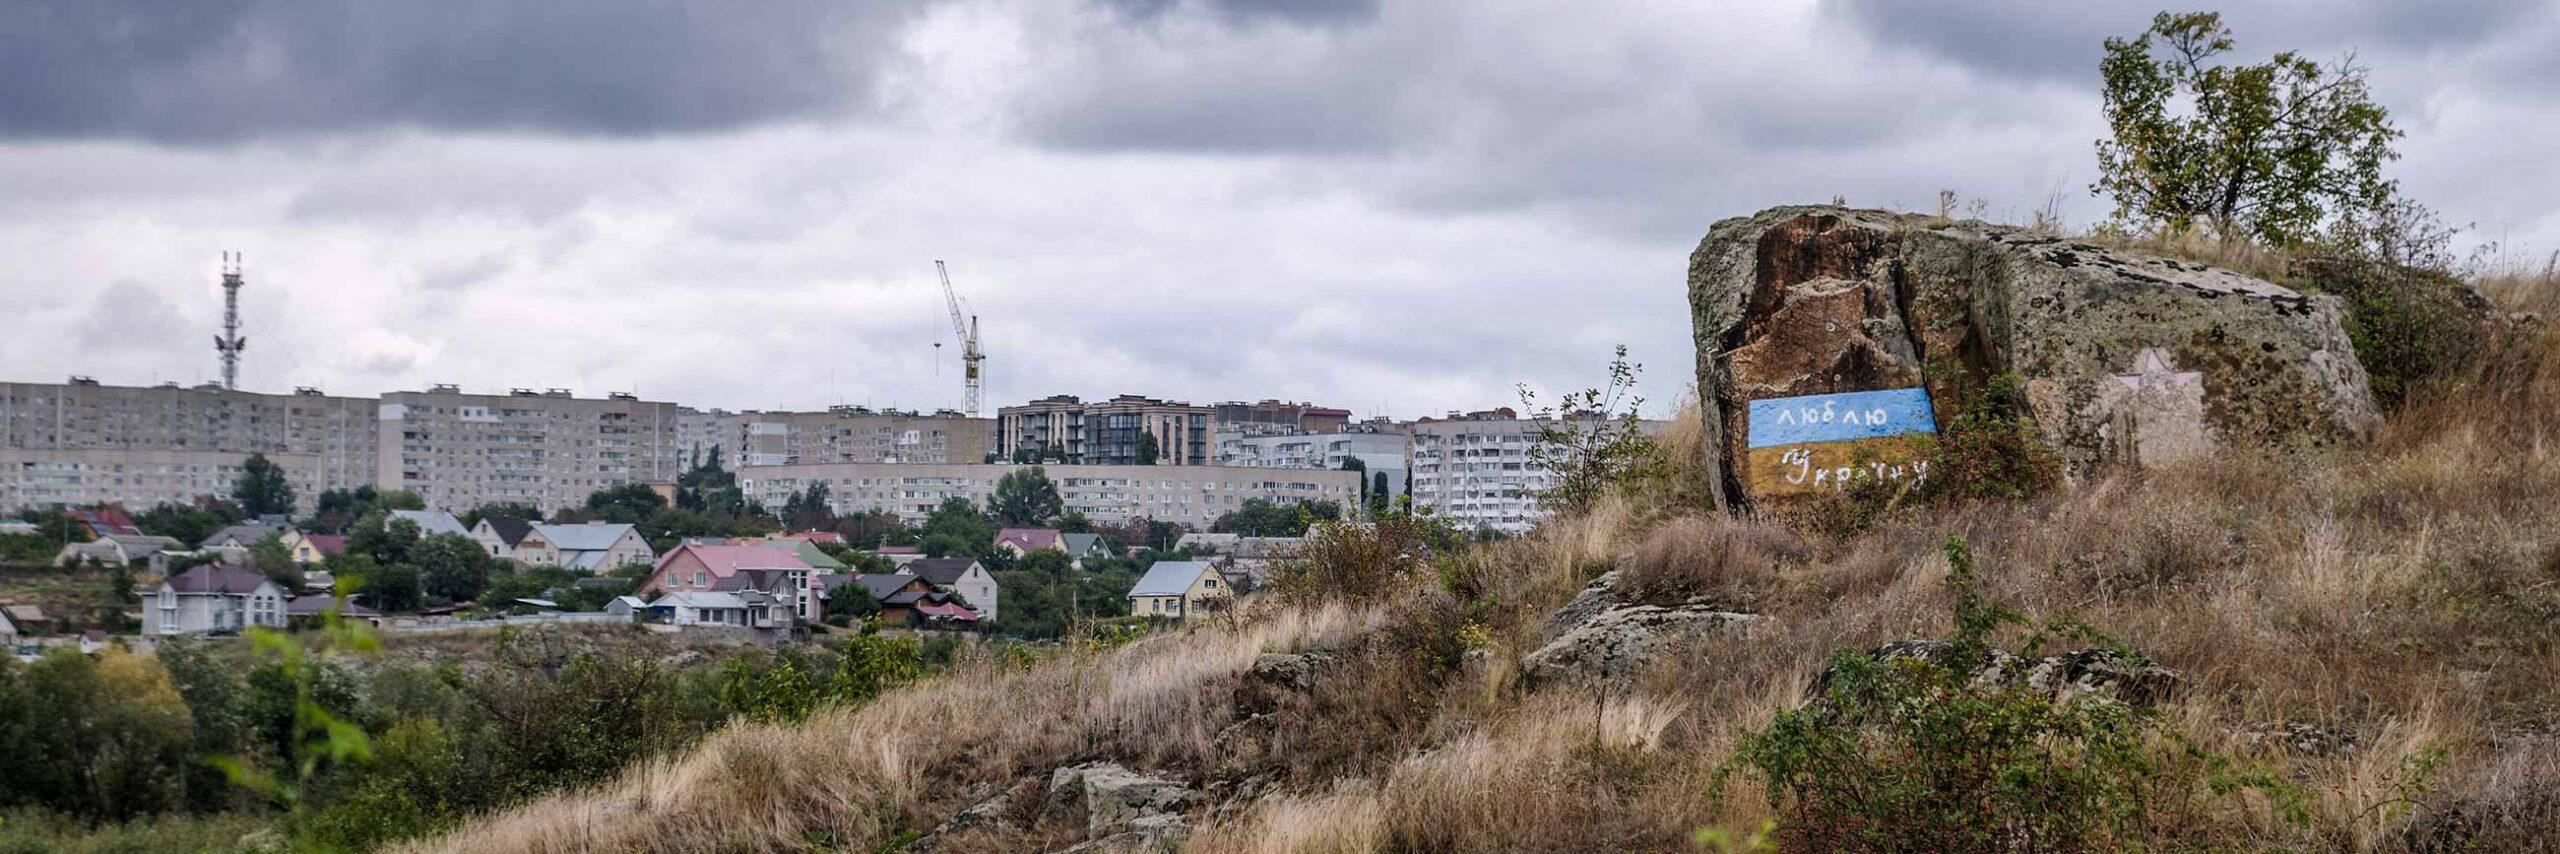 Голокост в Україні. Богданівка на Миколаївщині, де вбили 54 тисячі євреїв